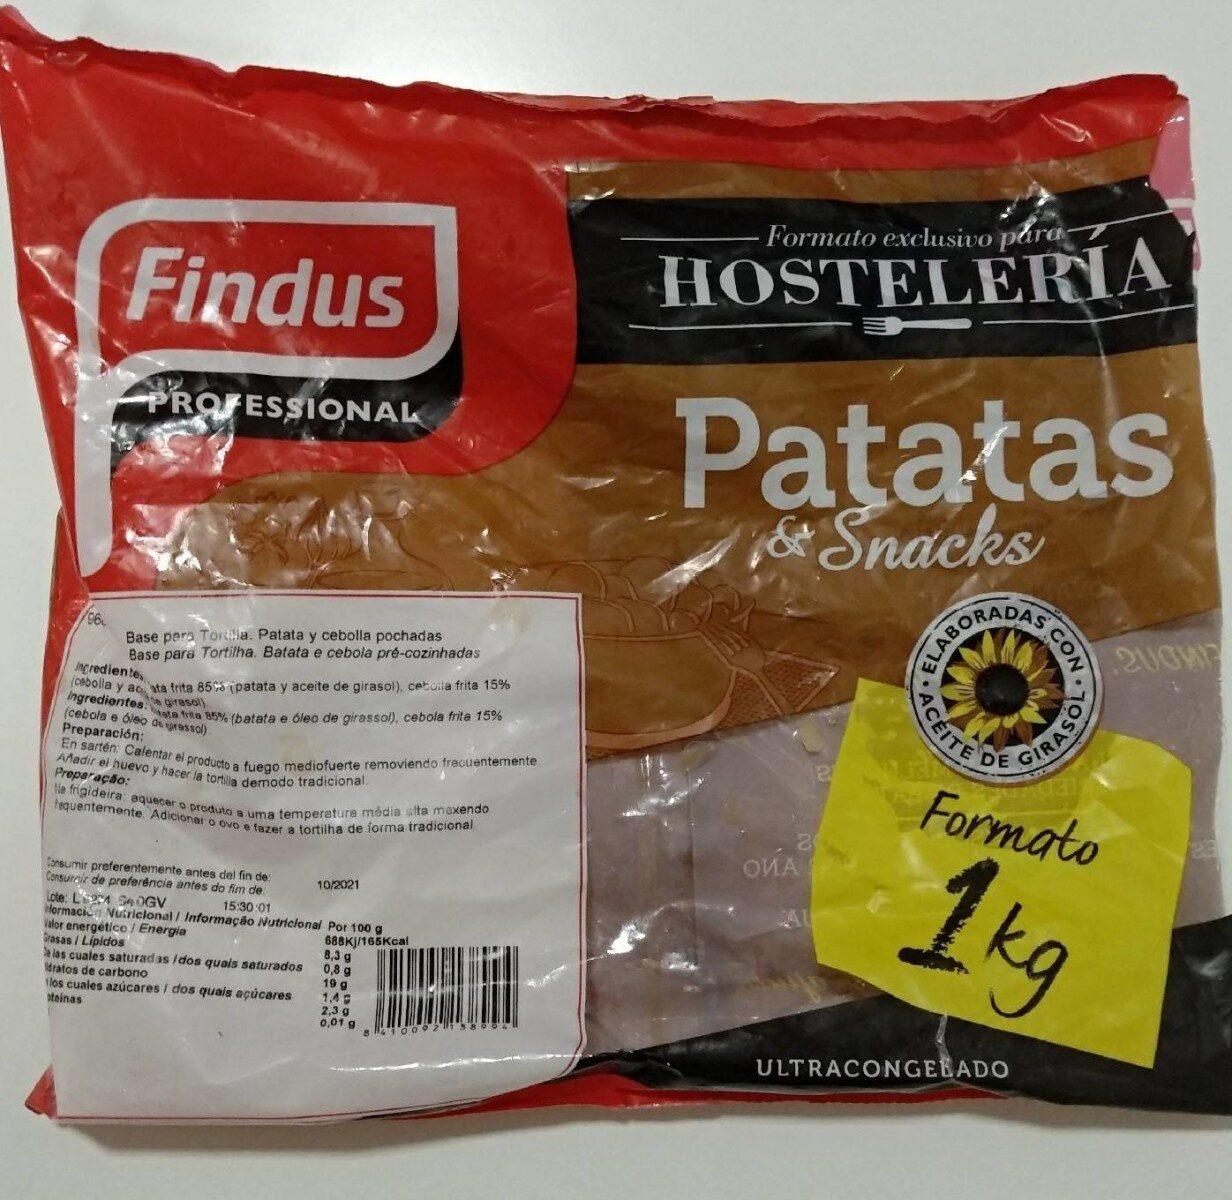 patatas & snacks - Product - es